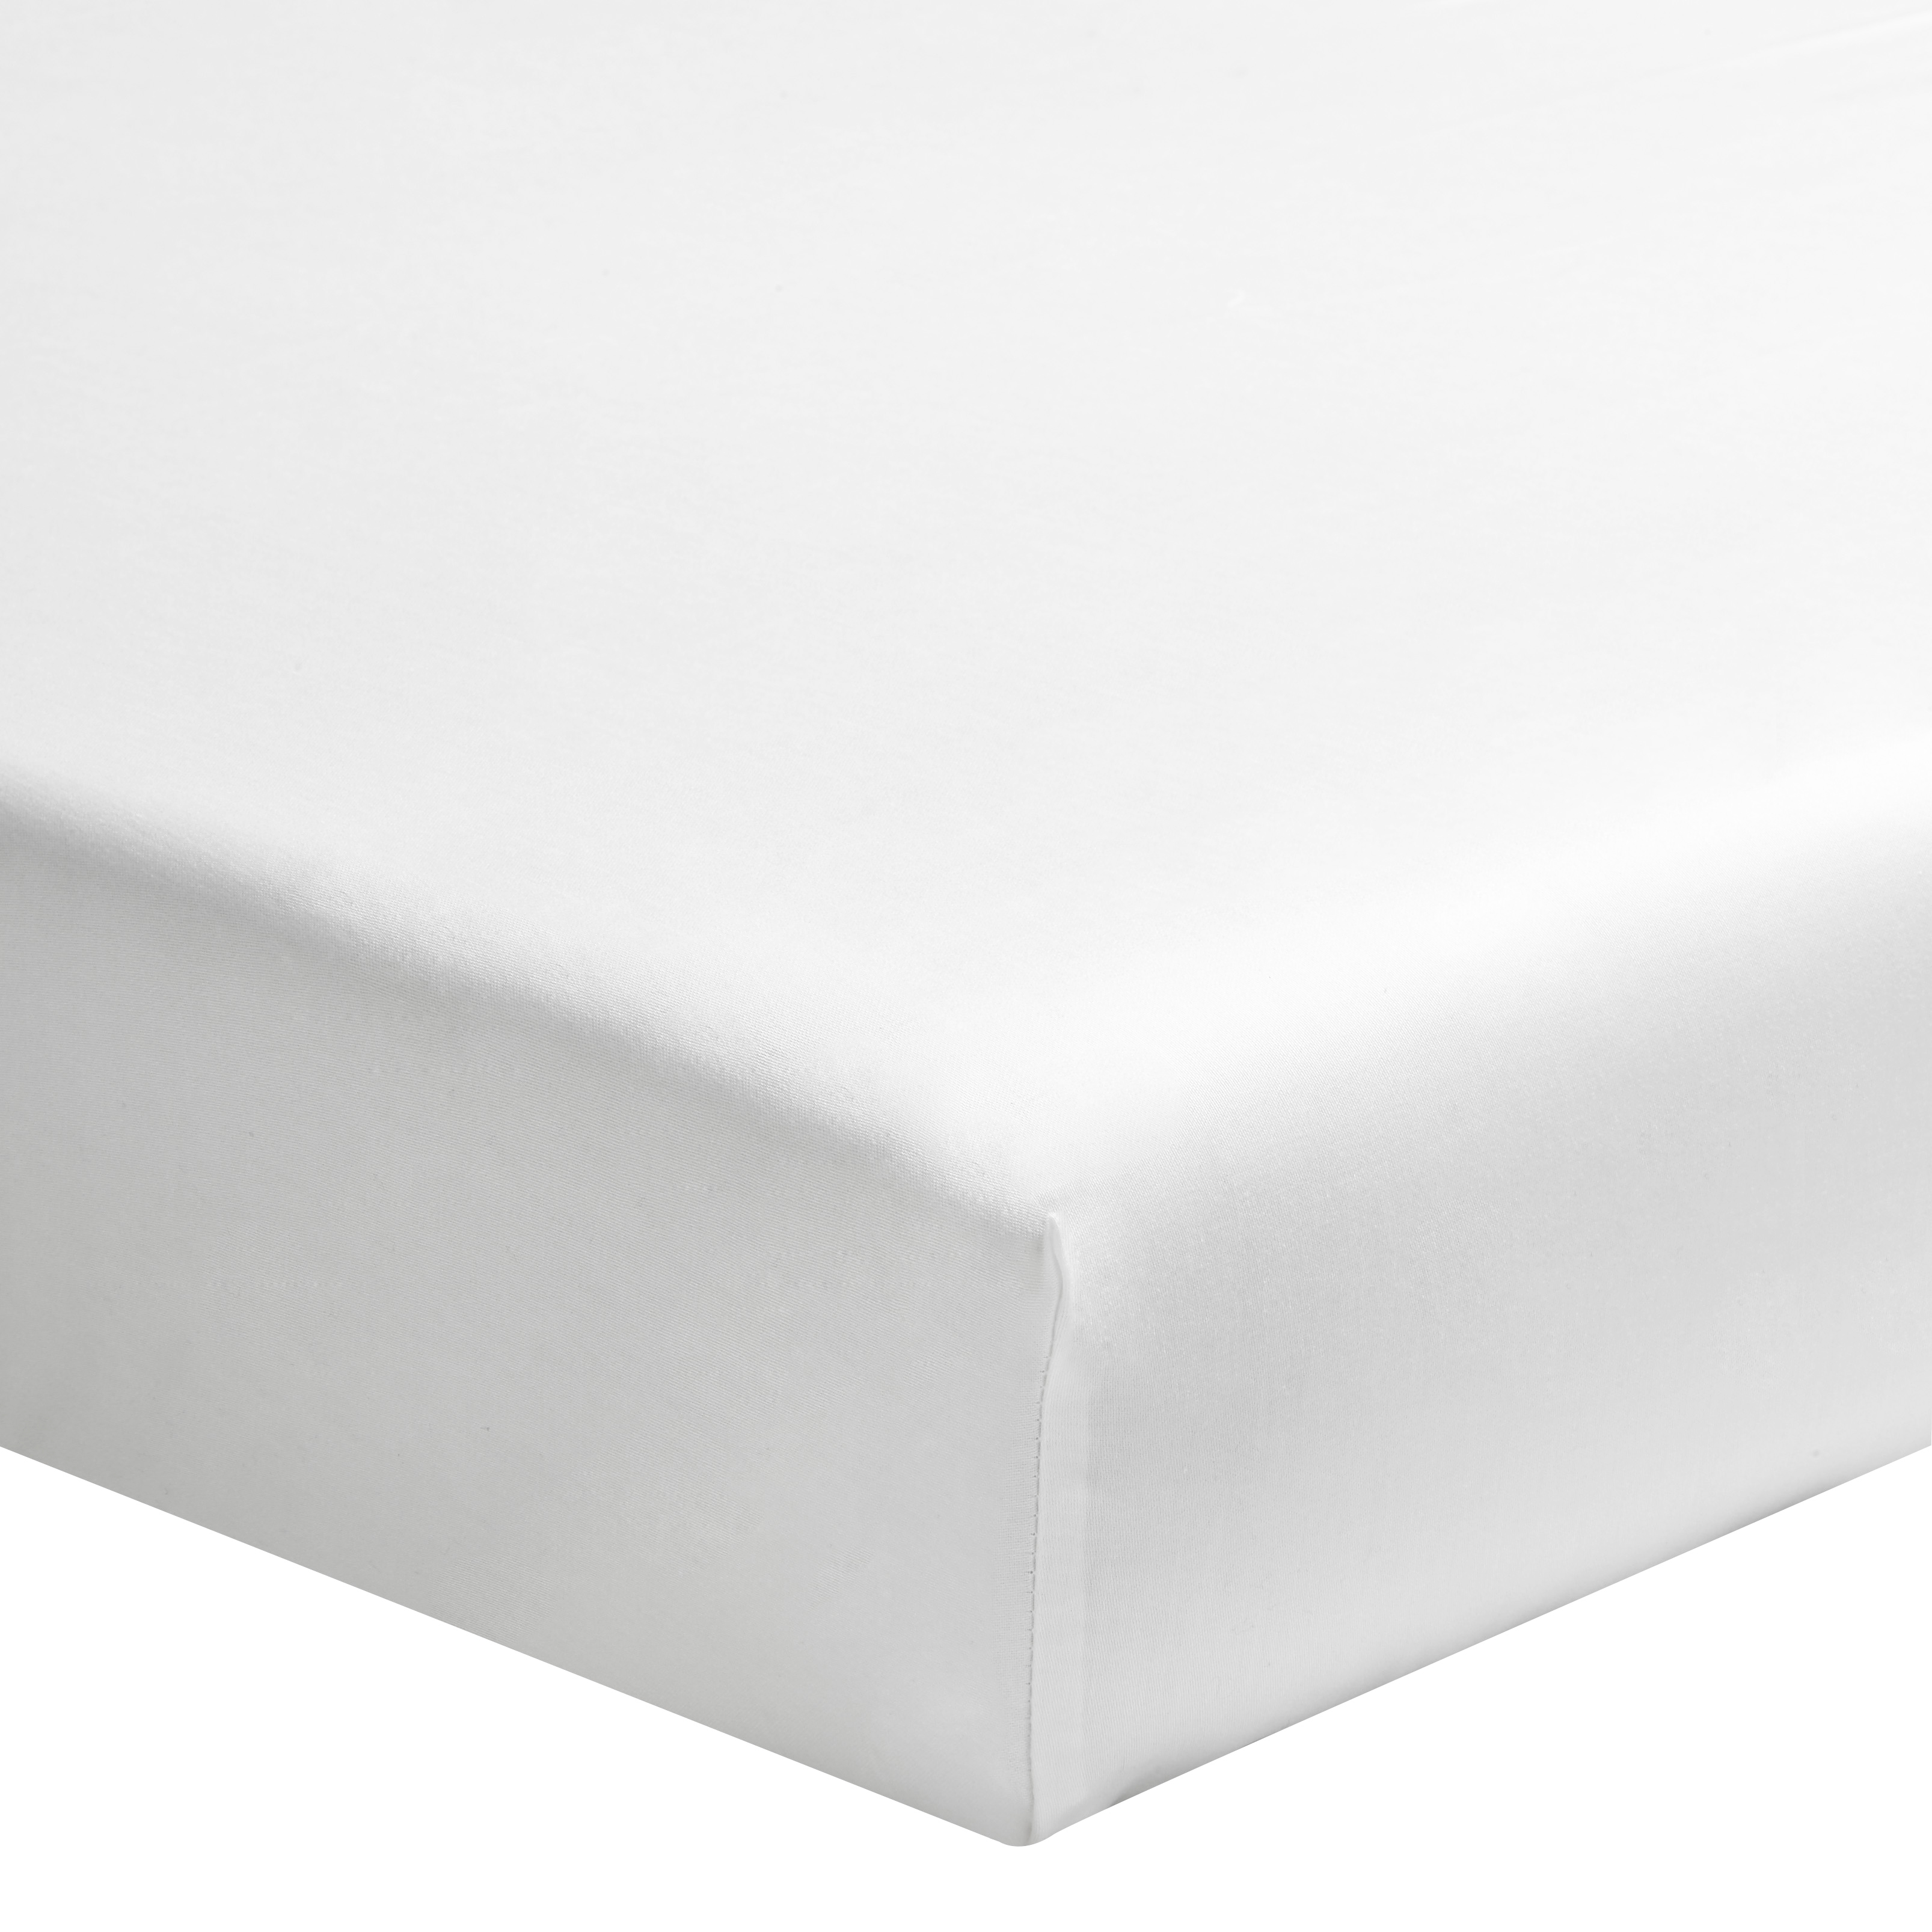 Drap housse uni en percale de coton blanc 120x190